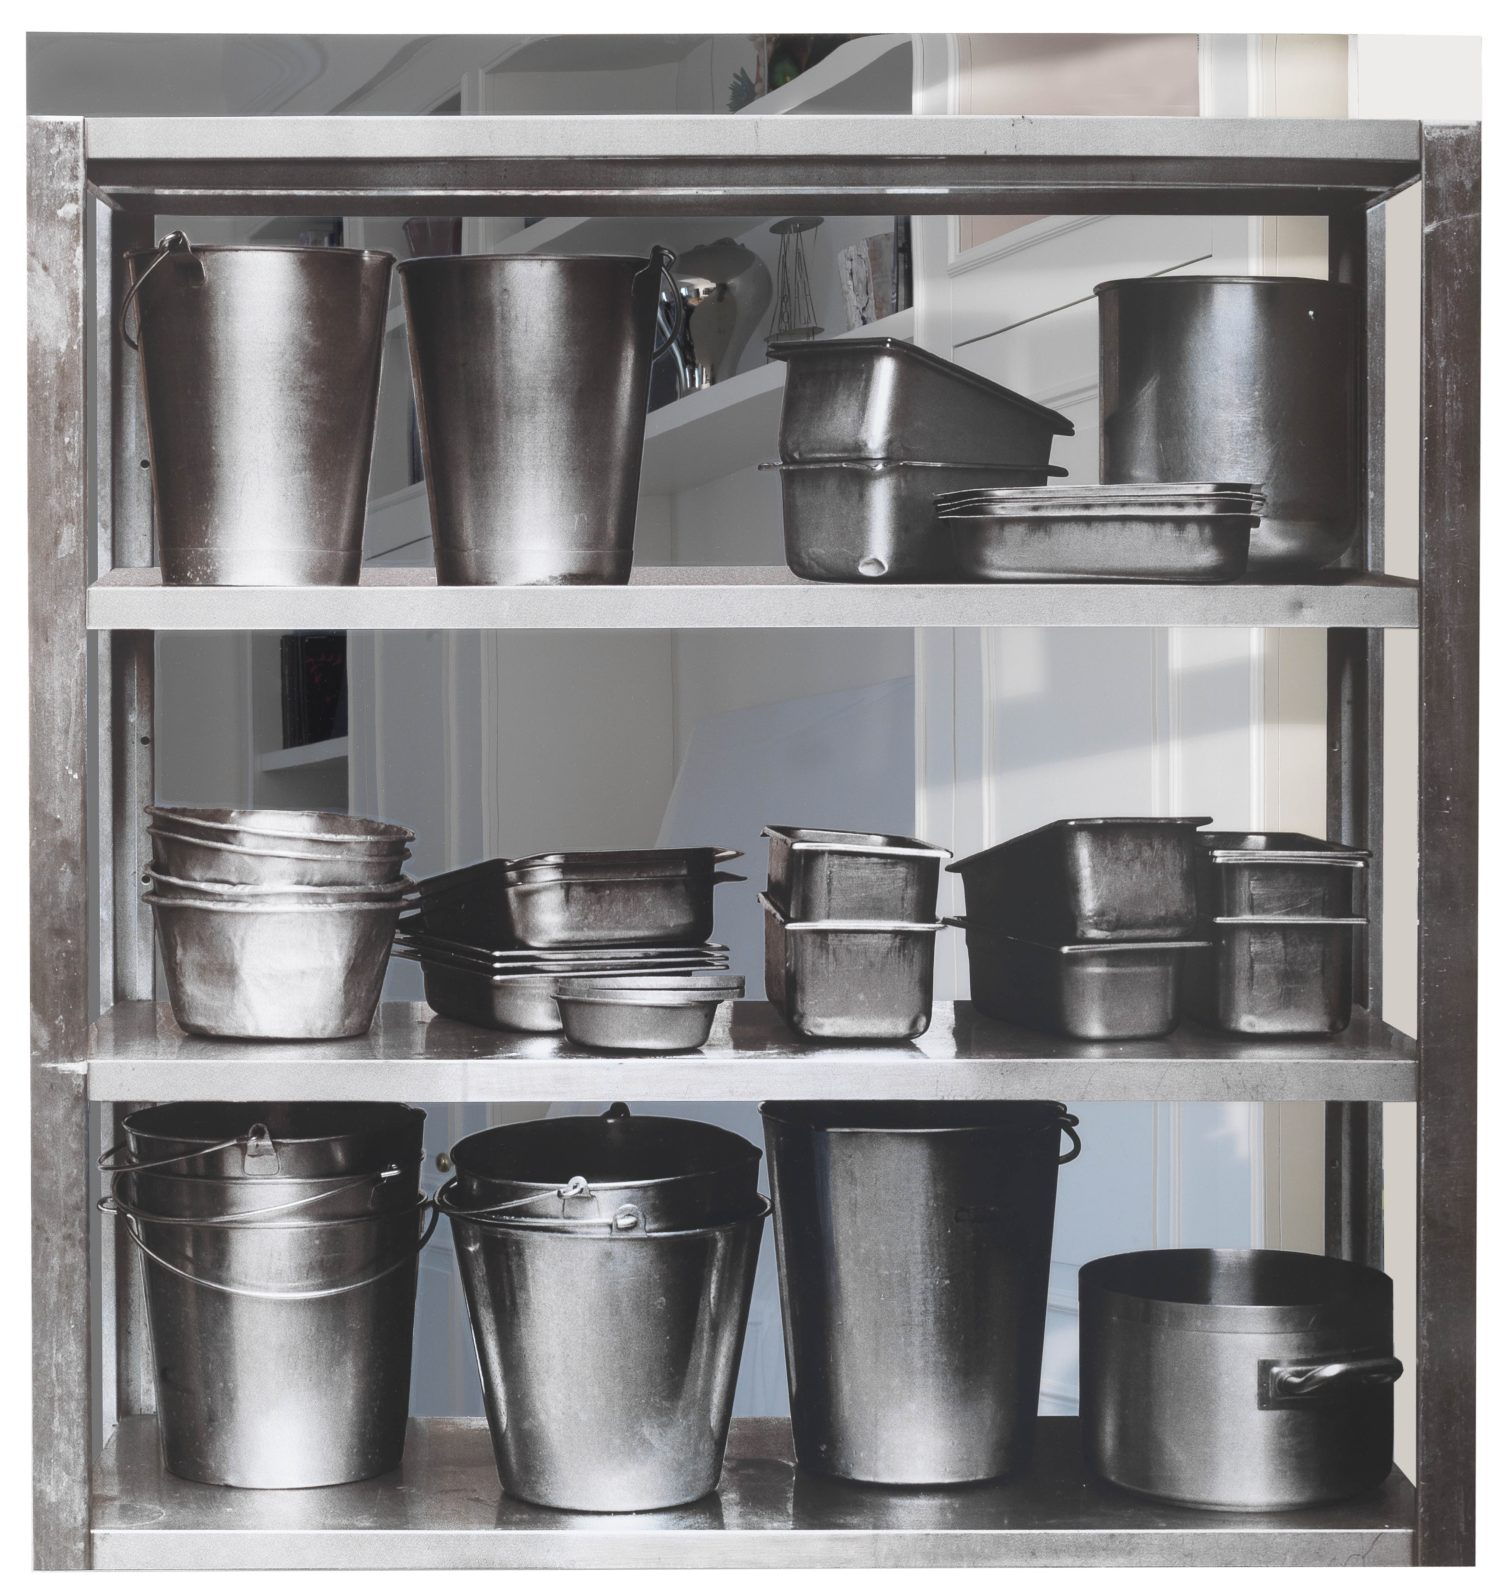 Michelangelo Pistoletto Scaffali. Contenitori metallici 2015 Serigrafia su acciaio inox supermirror 150,5 x 150,5 cm Collezione privata, courtesy Galleria Mucciaccia